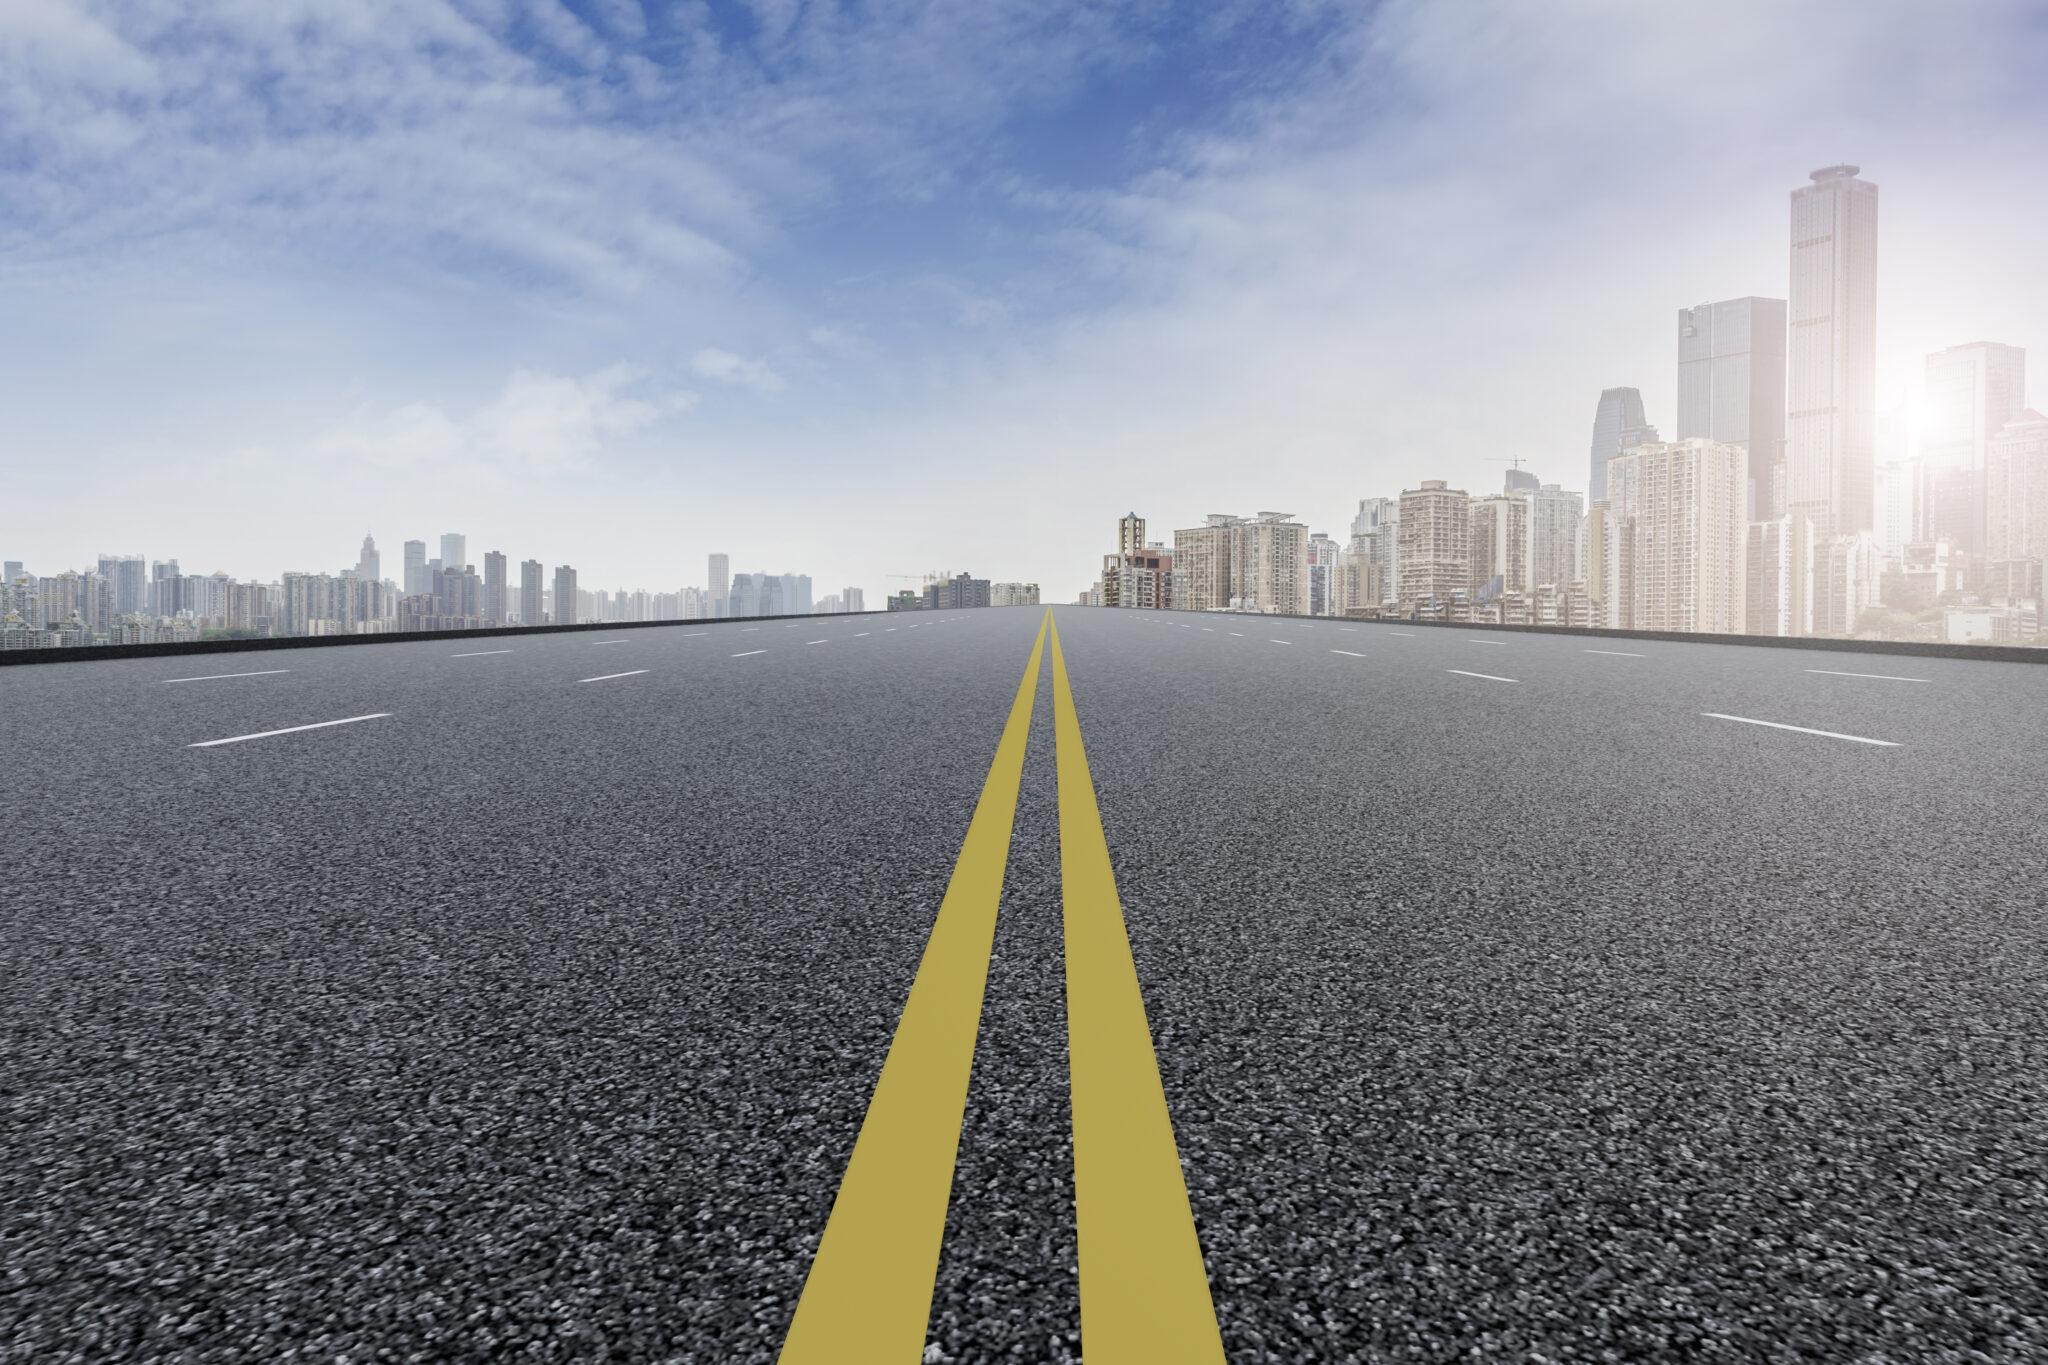 asfalt en luchtverontreiniging